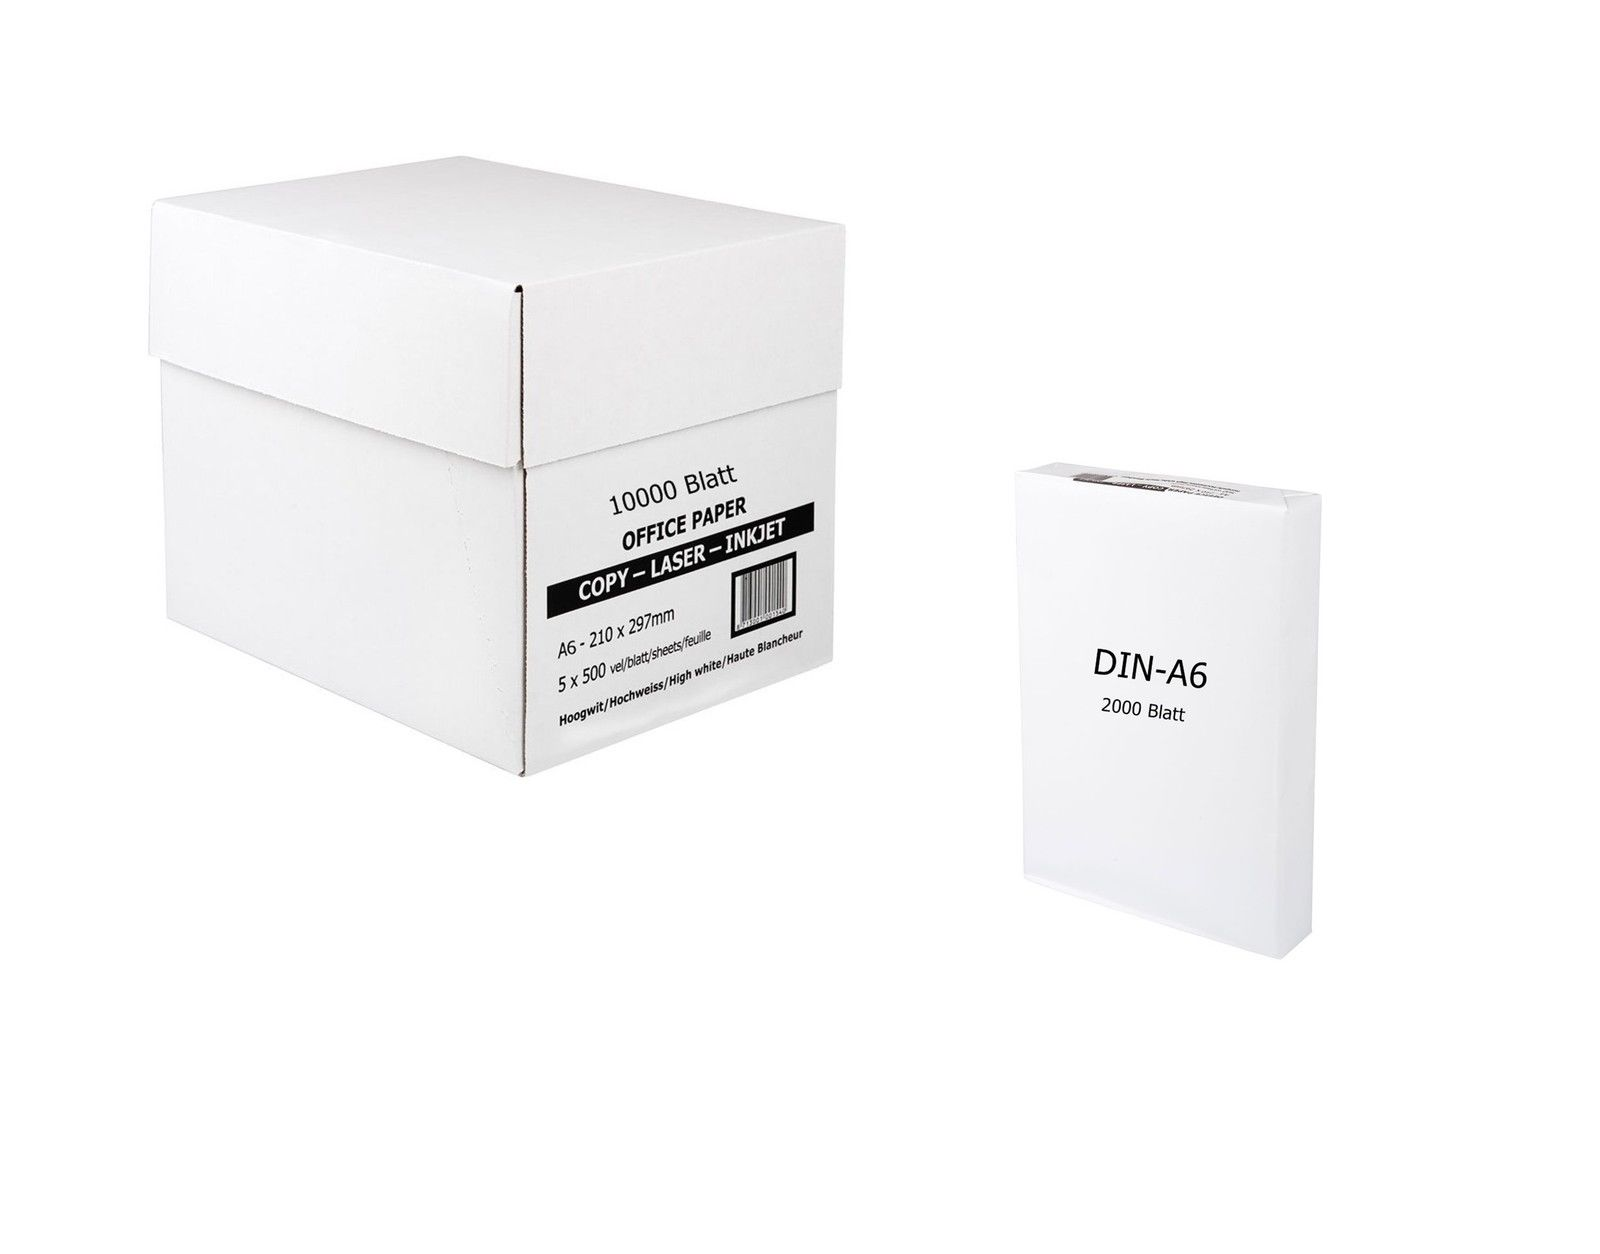 Marken Kopierpapier Papier 80g/m² DIN-A6 10000 Blatt